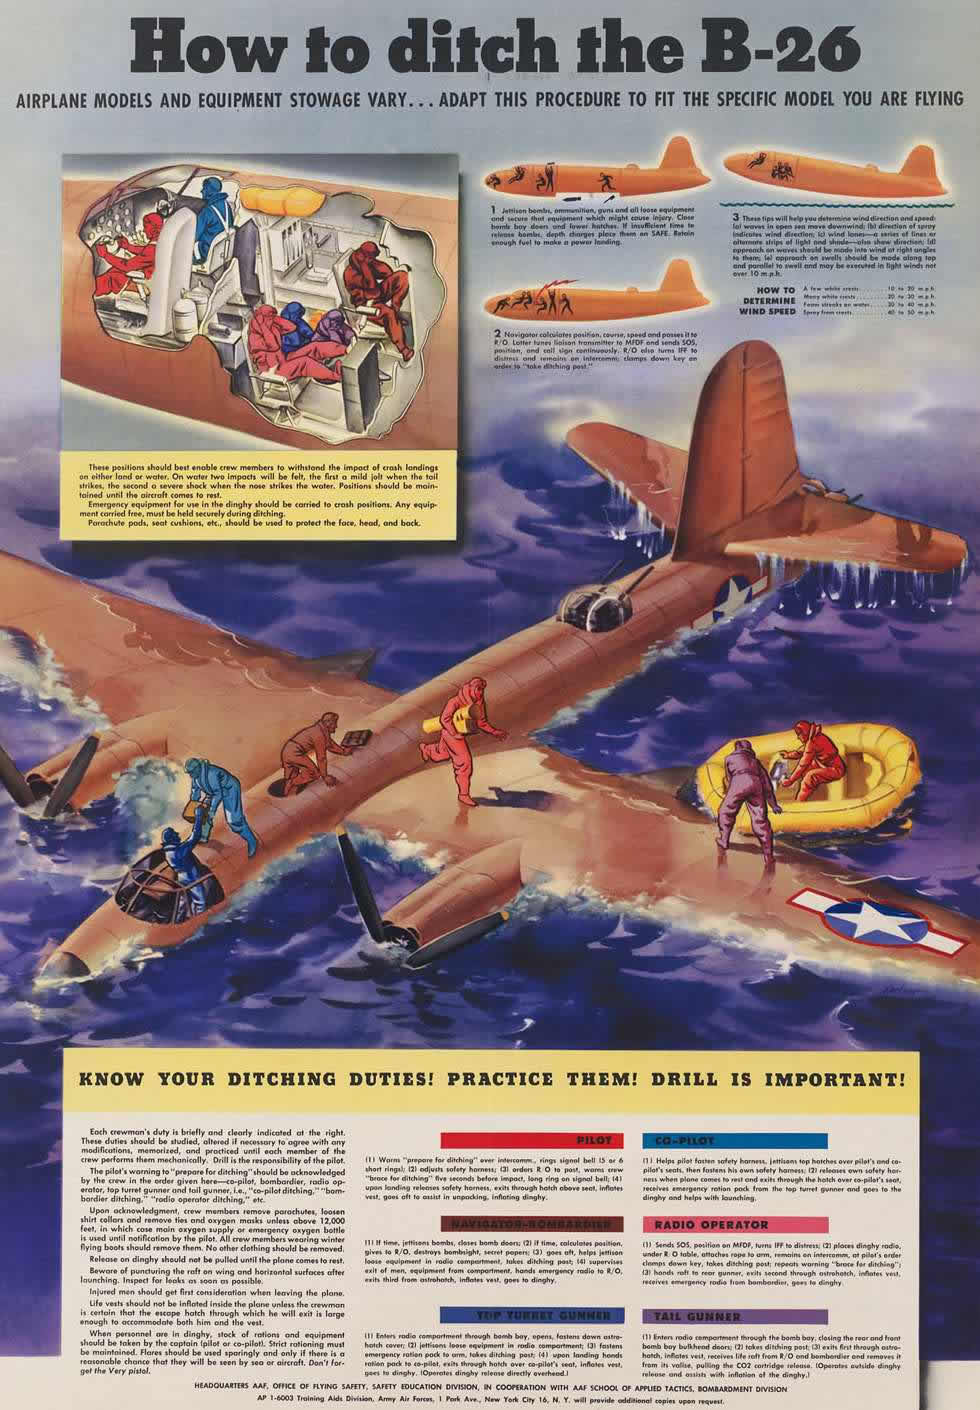 Схема покидания экипажем самолета Martin B-26 Marauder в случае вынужденного приводнения на поверхность моря